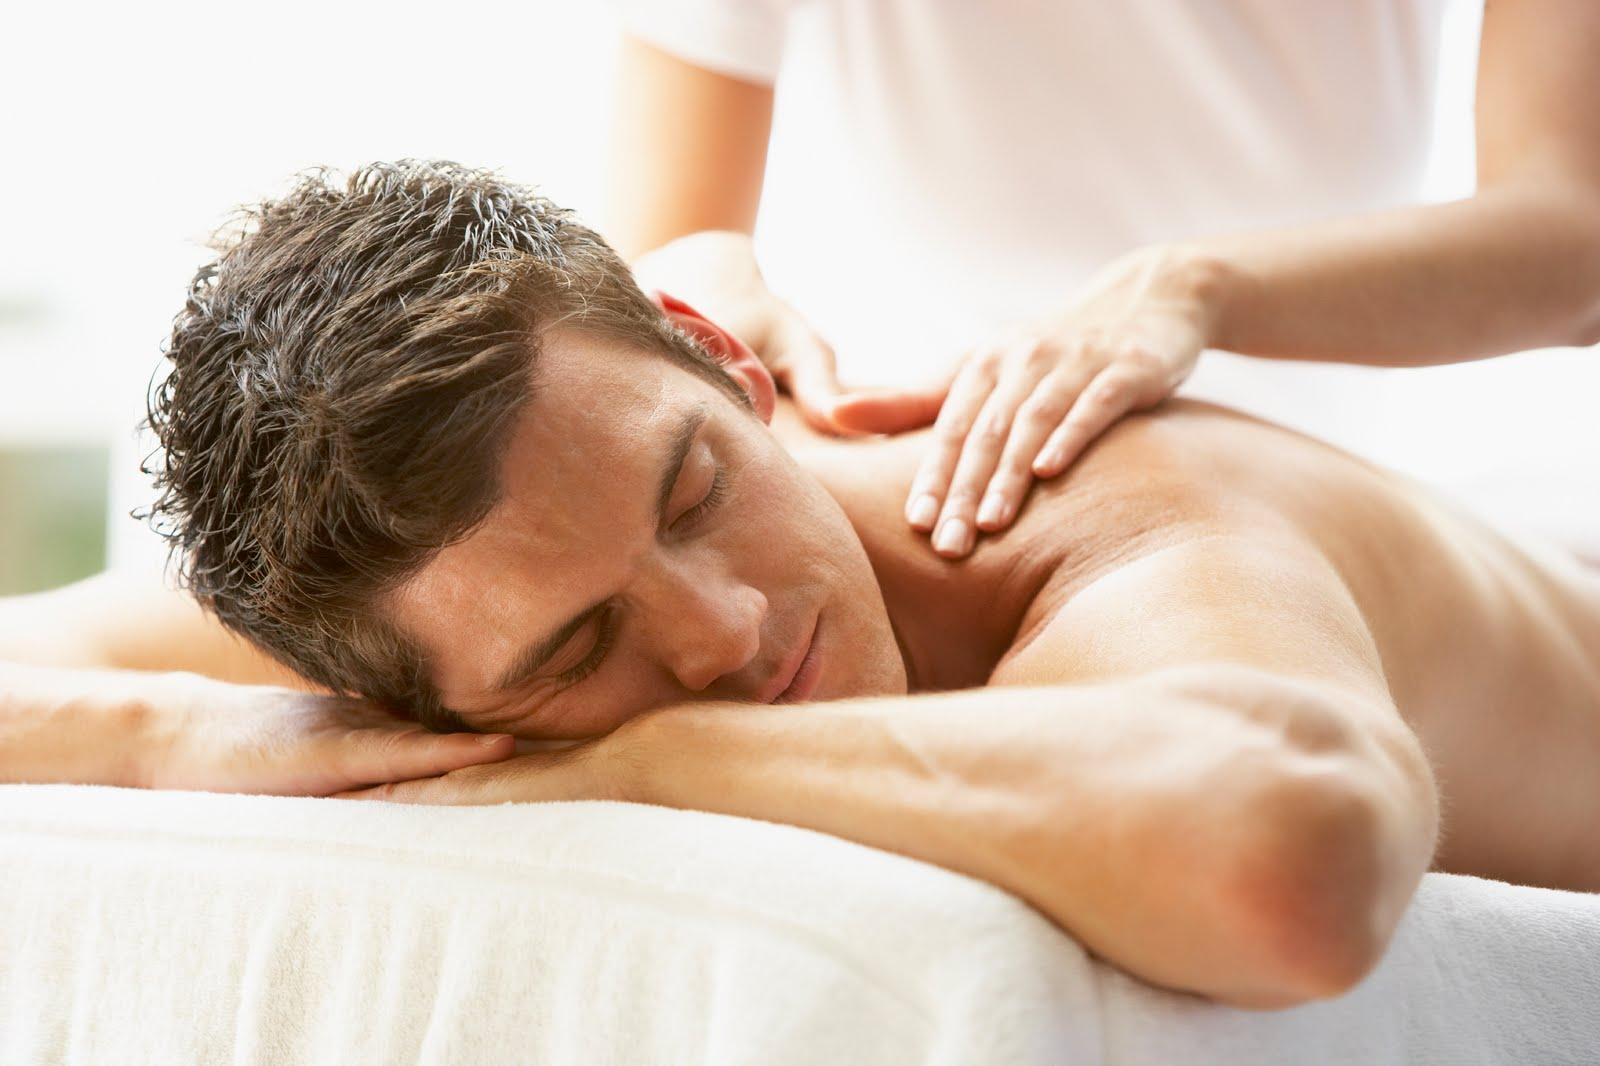 massage-benefit-huong-sen-3